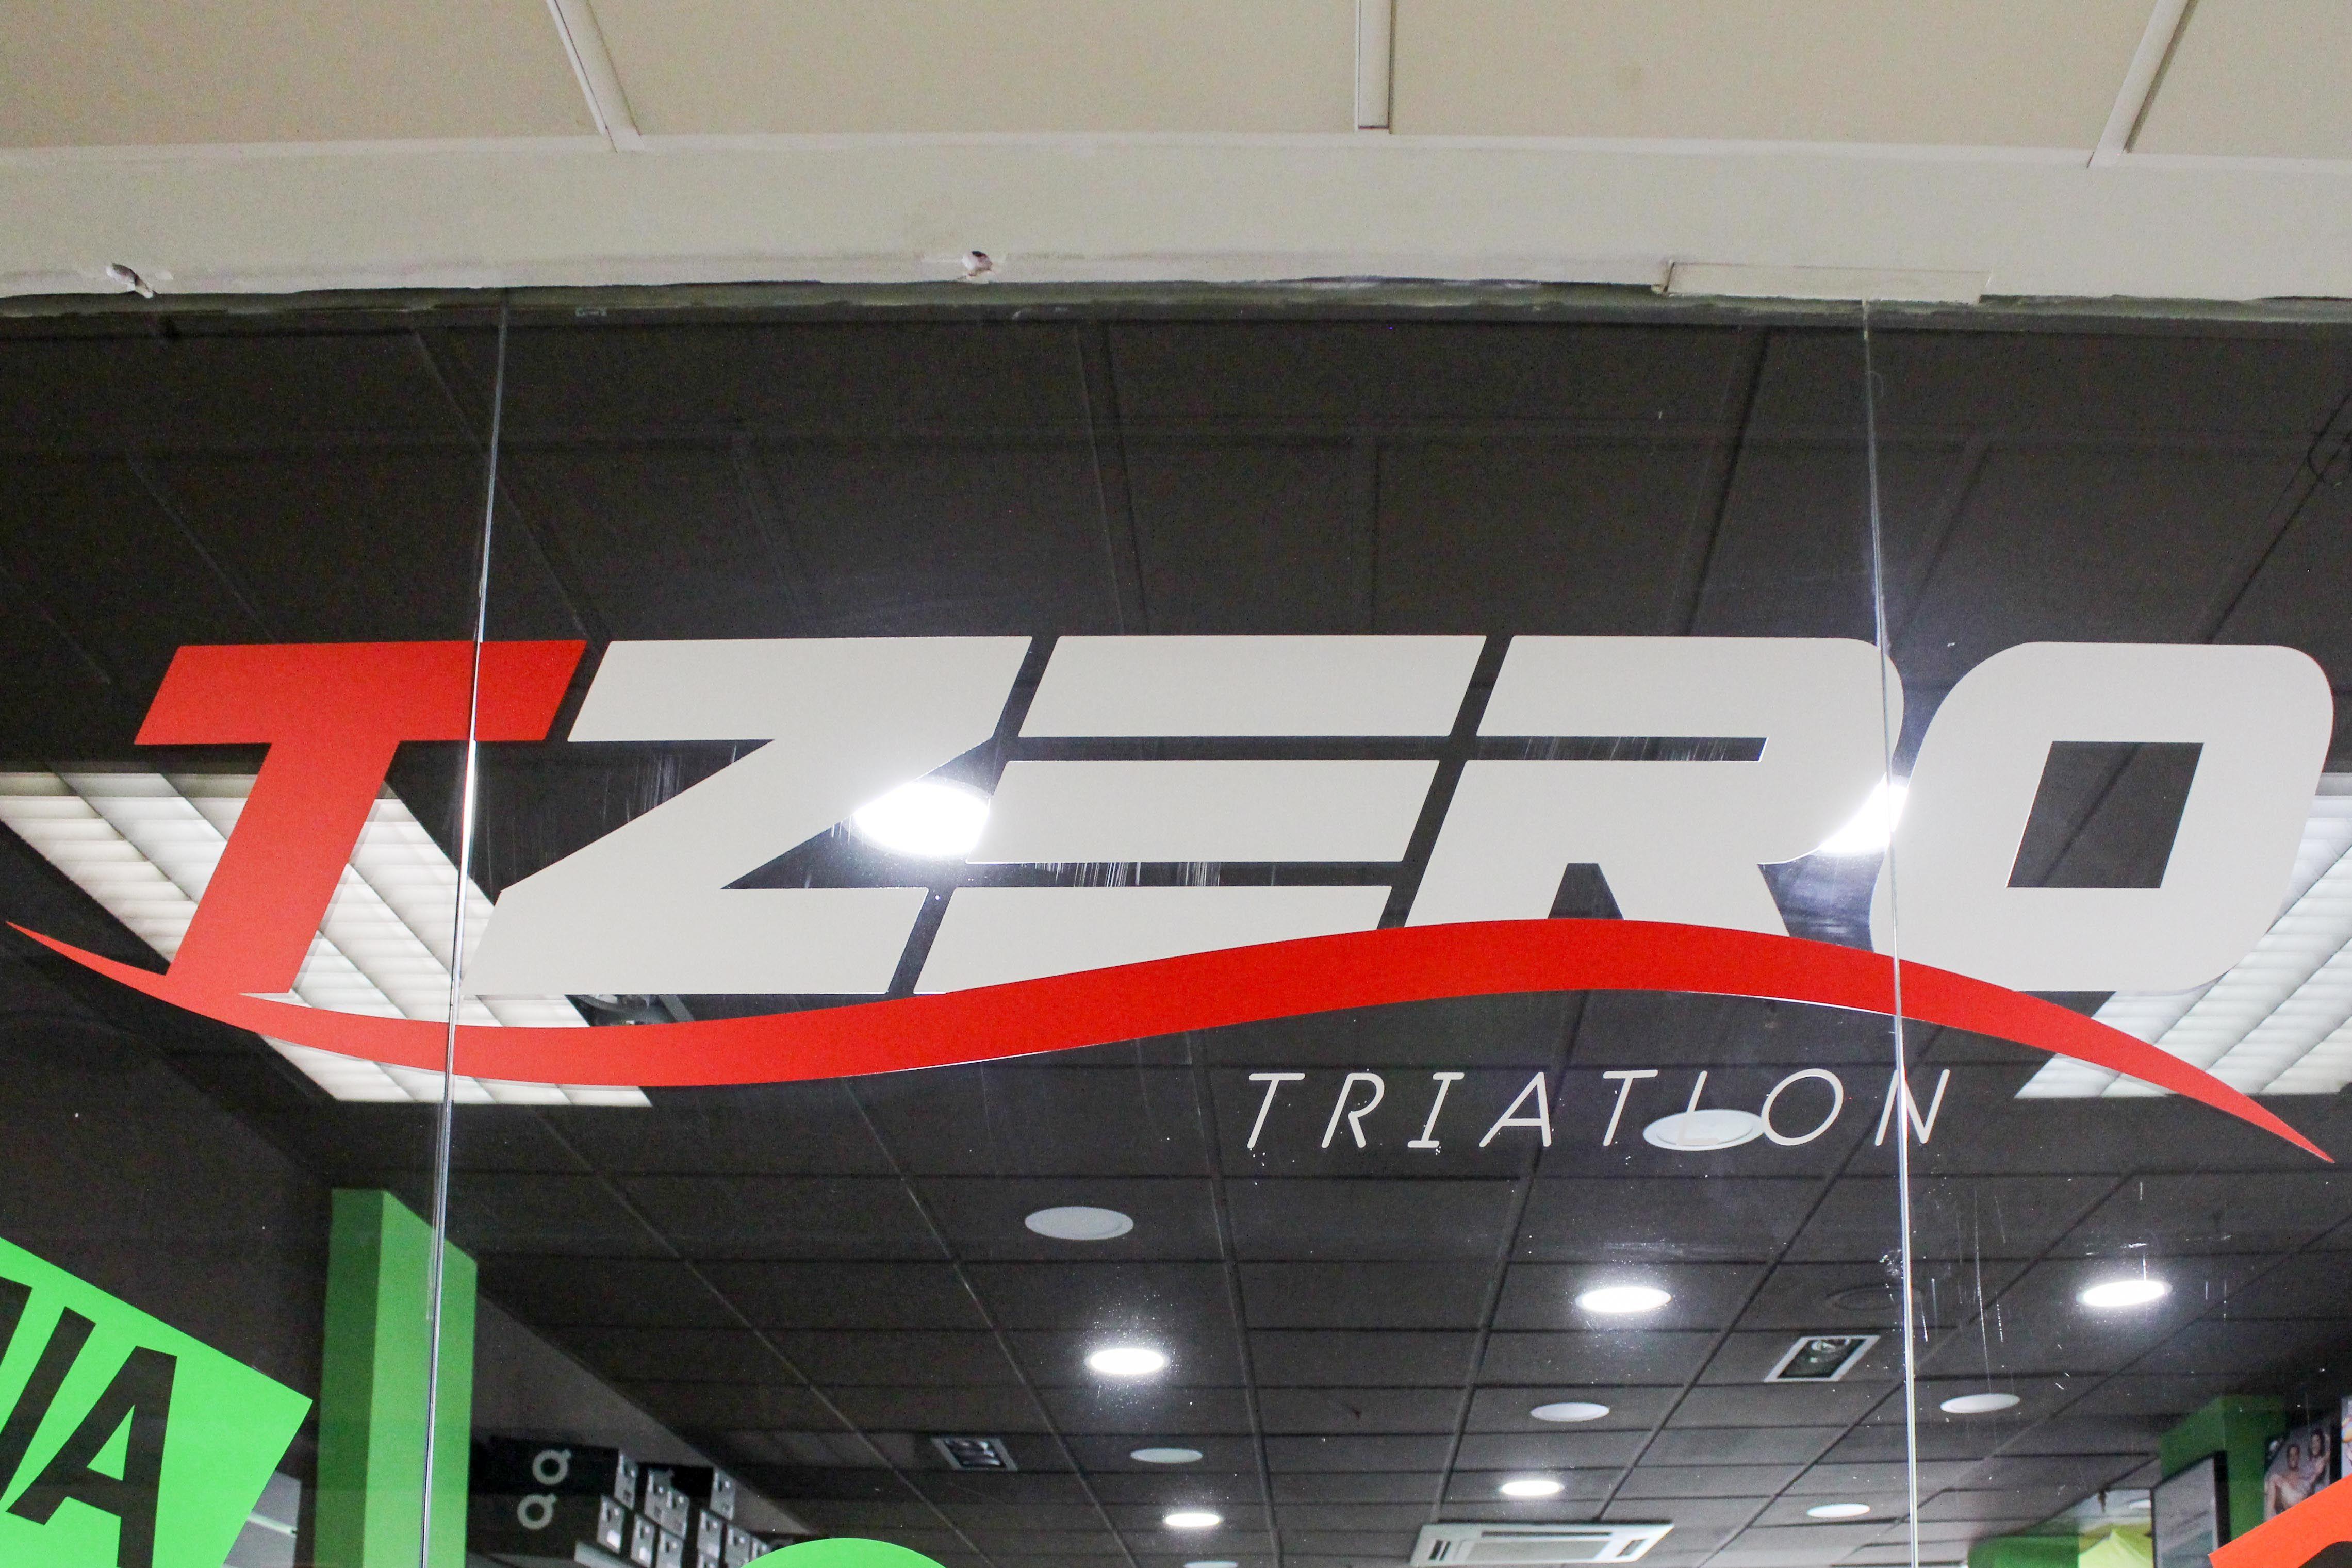 Foto 14 de Tienda online y física de deporte en Rivas-Vaciamadrid | TZERO Triatlón